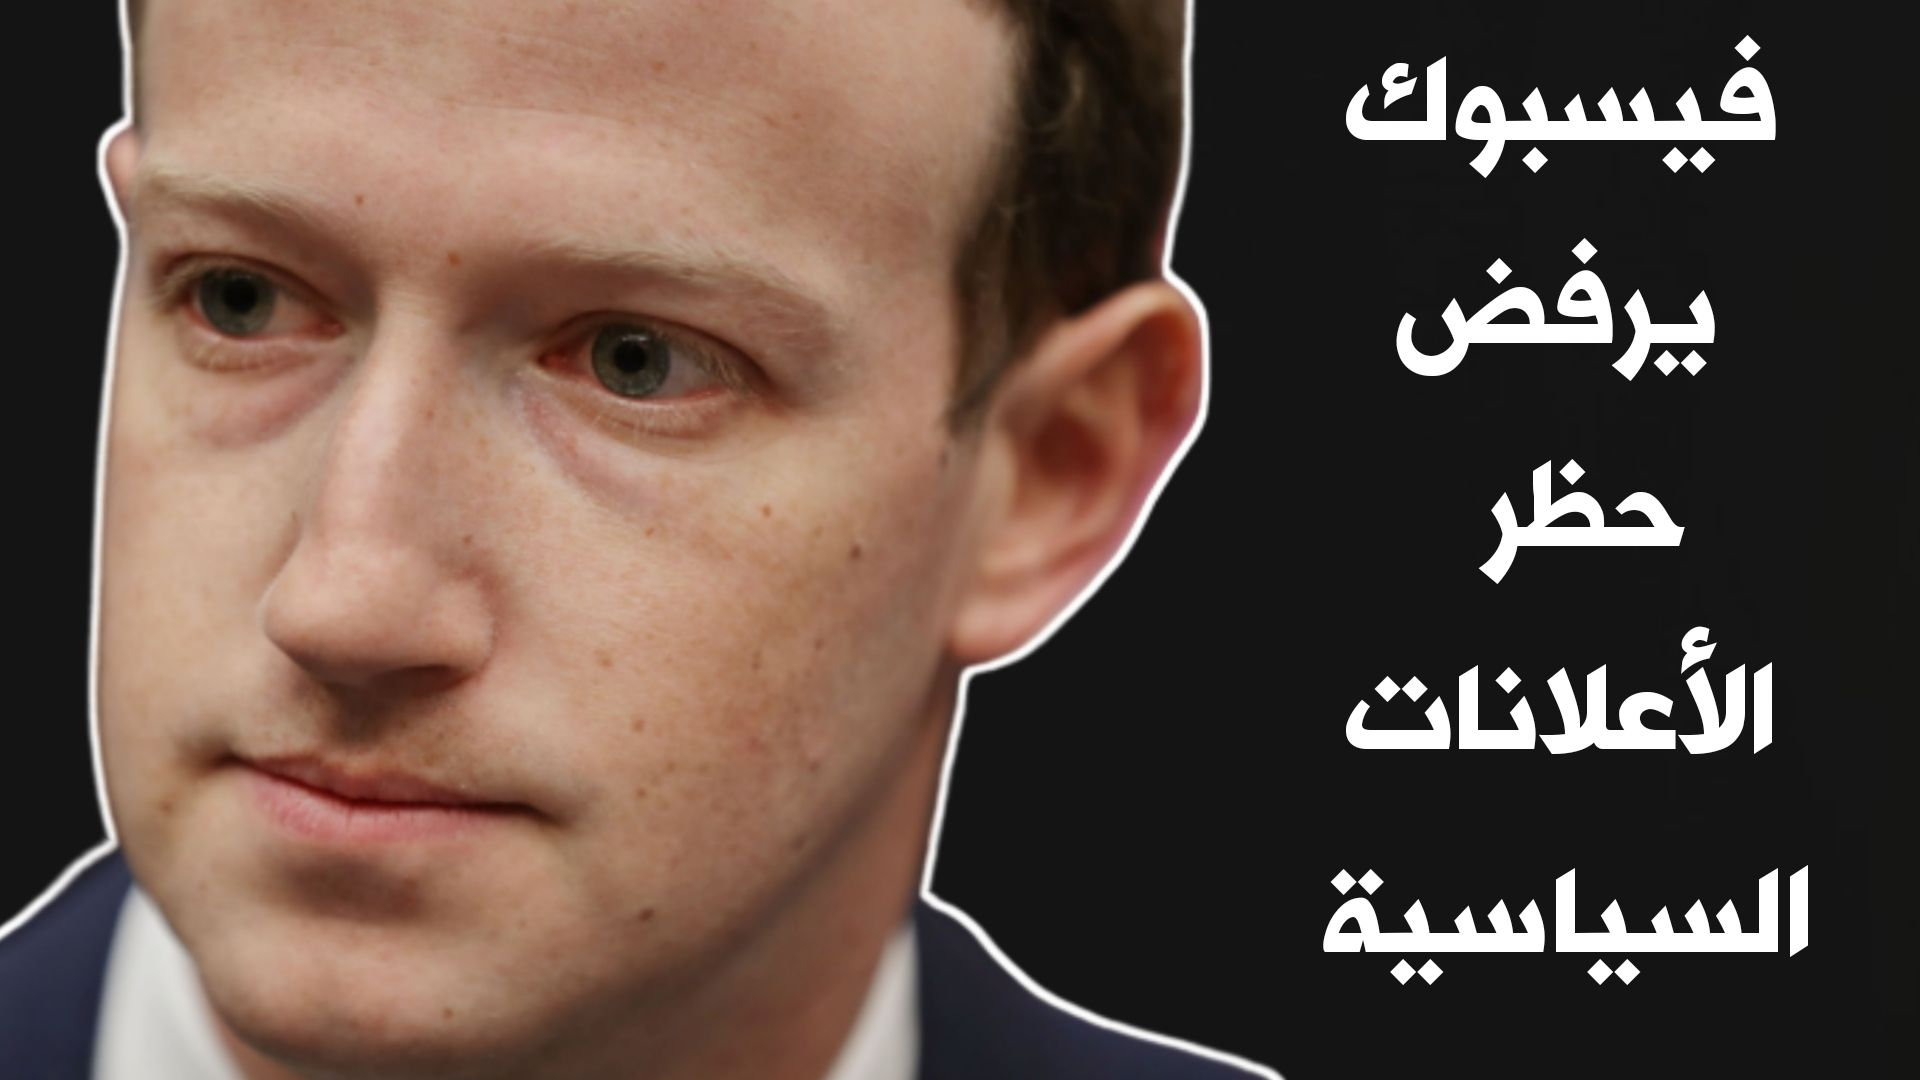 الفيسبوك يرفض حظر الأعلانات السياسية ويعتبرها حرية عن التعبير